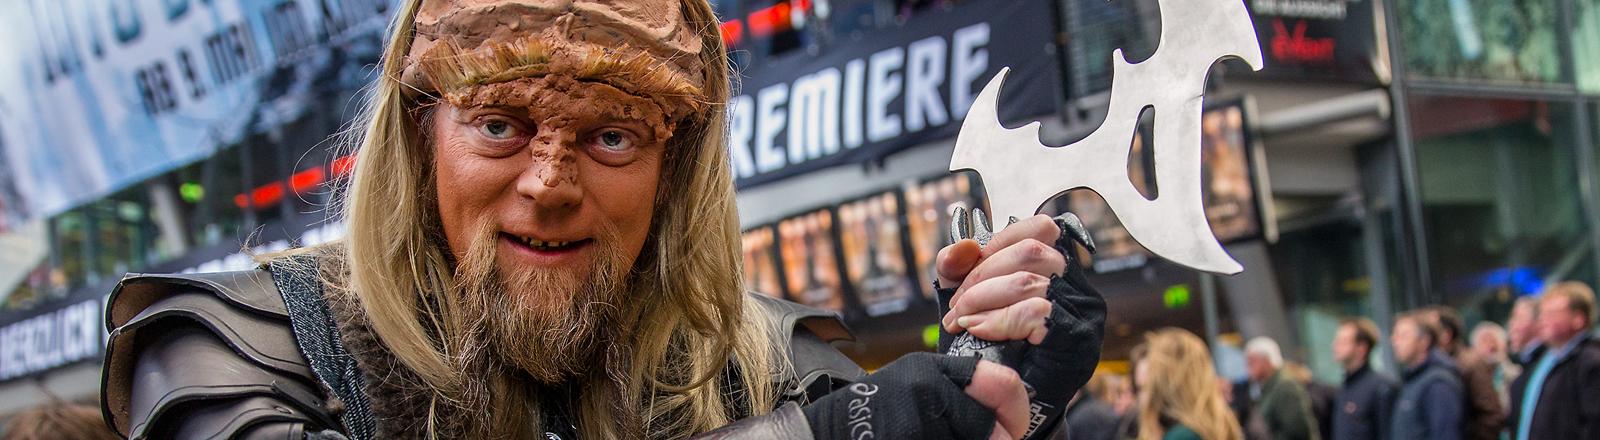 """Ein als Klingone verkleideter Fan kommt am 29.04.2013 in Berlin zur Premiere des Films """"Star Trek Into Darkness""""."""